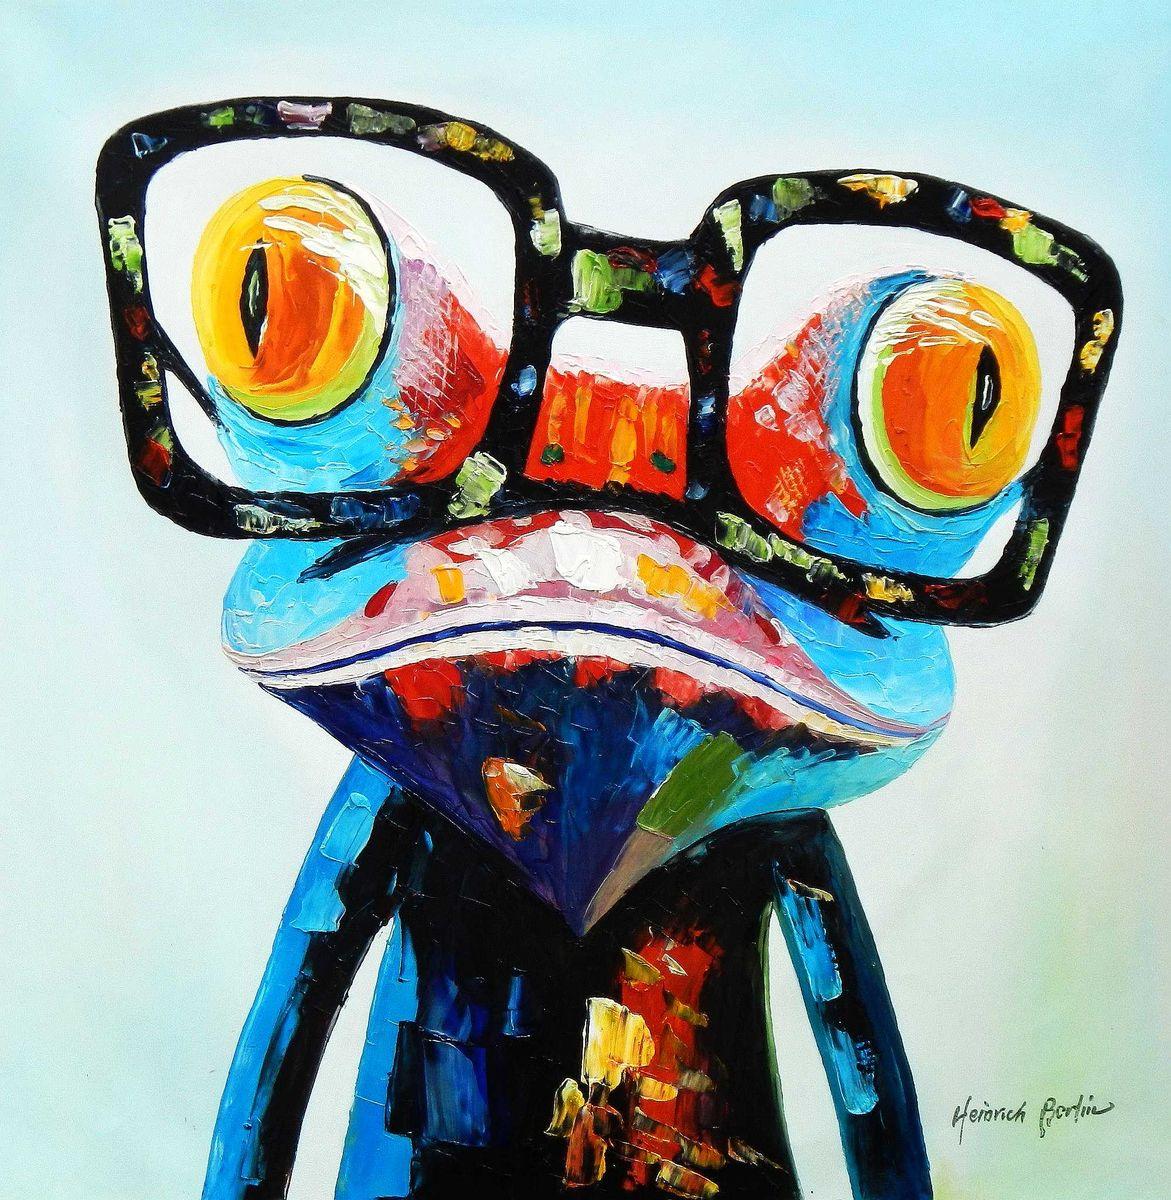 Modern Art - Woody der Frosch h95260 90x90cm fantastisches Ölbild